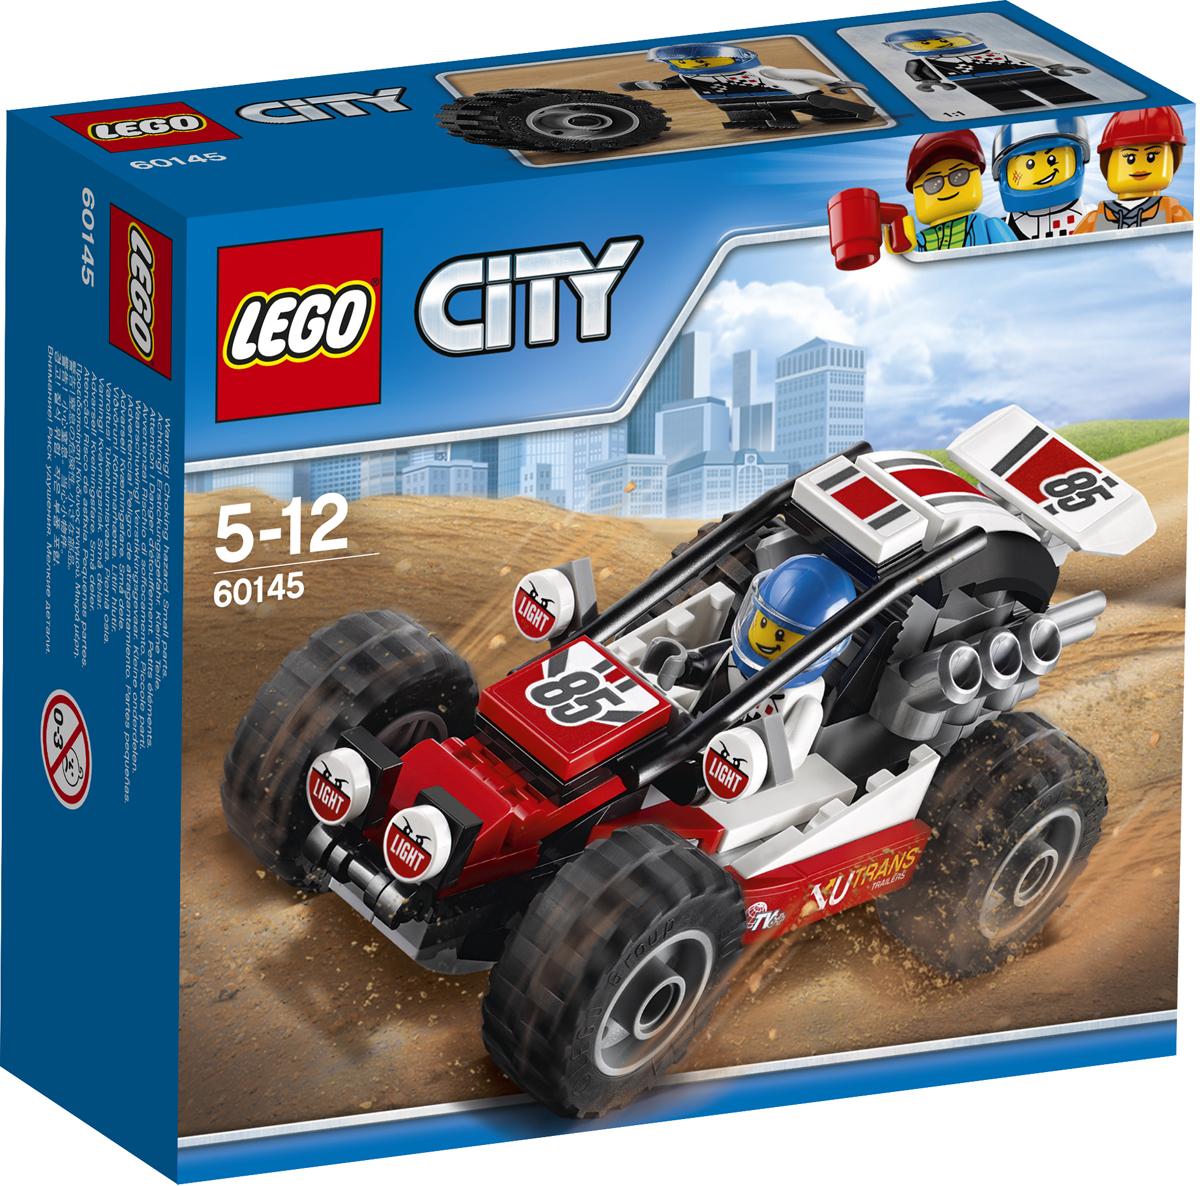 LEGO City Конструктор Багги 6014560145Прыгайте на сиденье этого классного багги и готовьтесь выиграть гонку! Проверьте, надежны ли шины и мотор, потом наденьте шлем, закройте клетку безопасности и вперед! Набор включает в себя 81 разноцветный пластиковый элемент. Конструктор - это один из самых увлекательных и веселых способов времяпрепровождения. Ребенок сможет часами играть с конструктором, придумывая различные ситуации и истории.